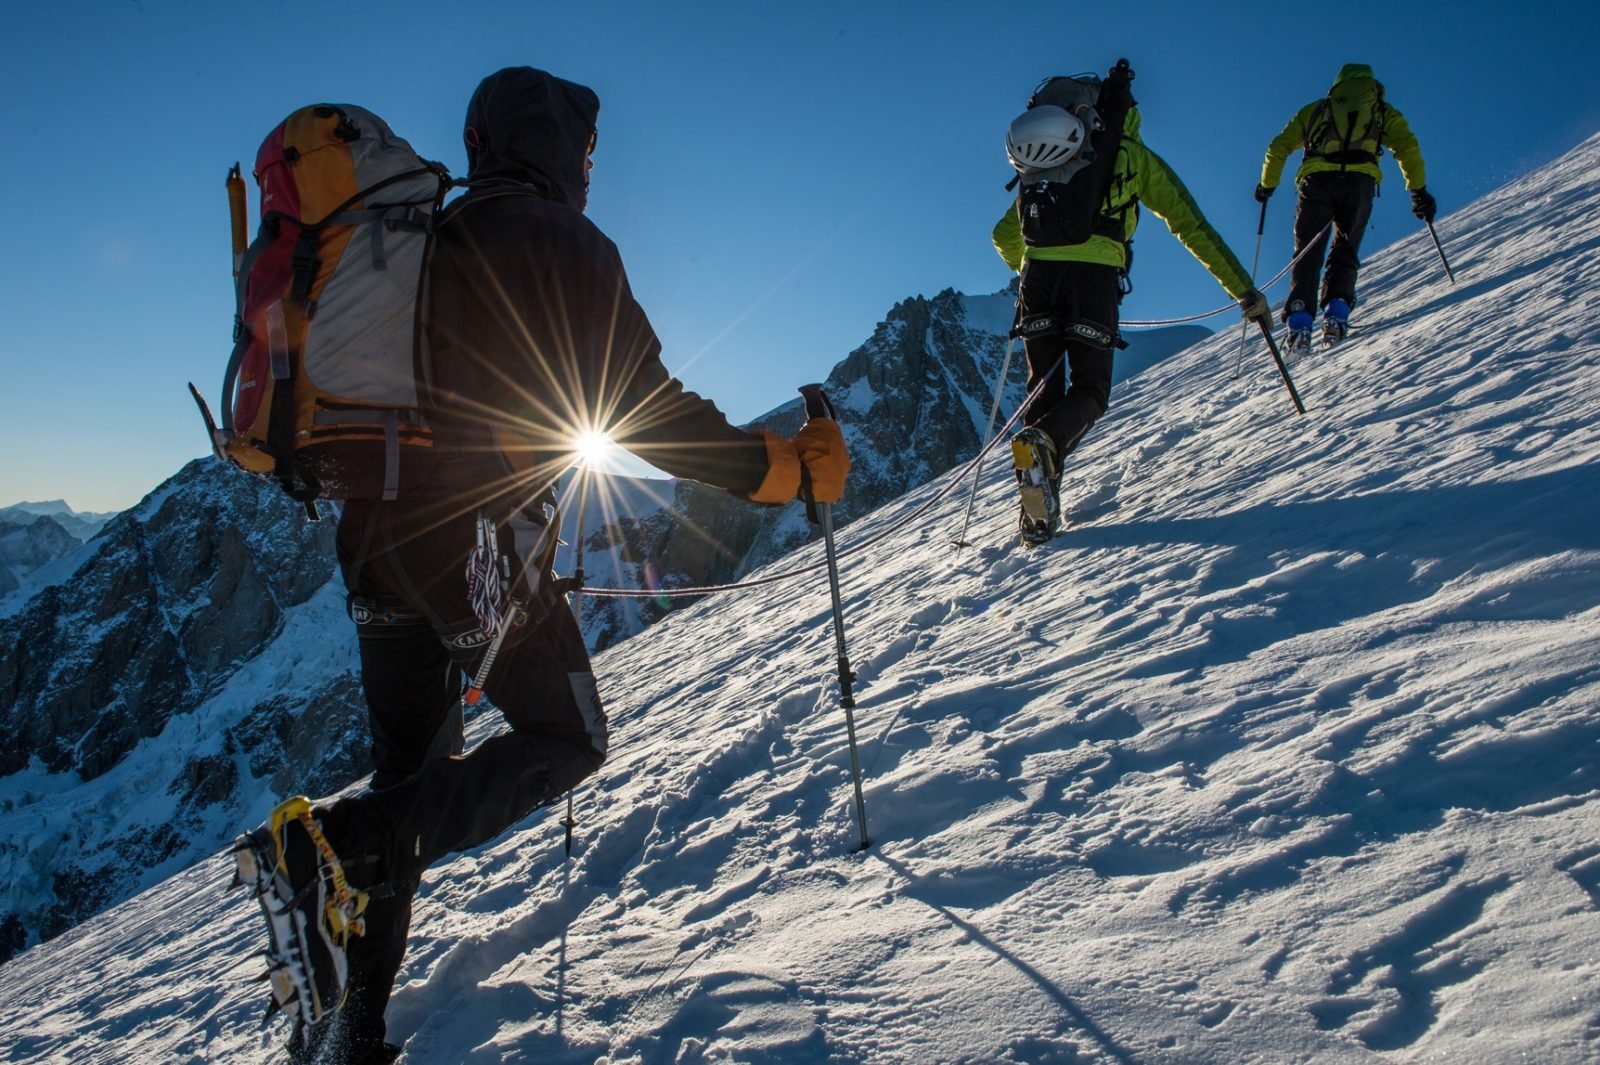 Alpinisme inscrit à l'UNESCO - alpinistes et neige